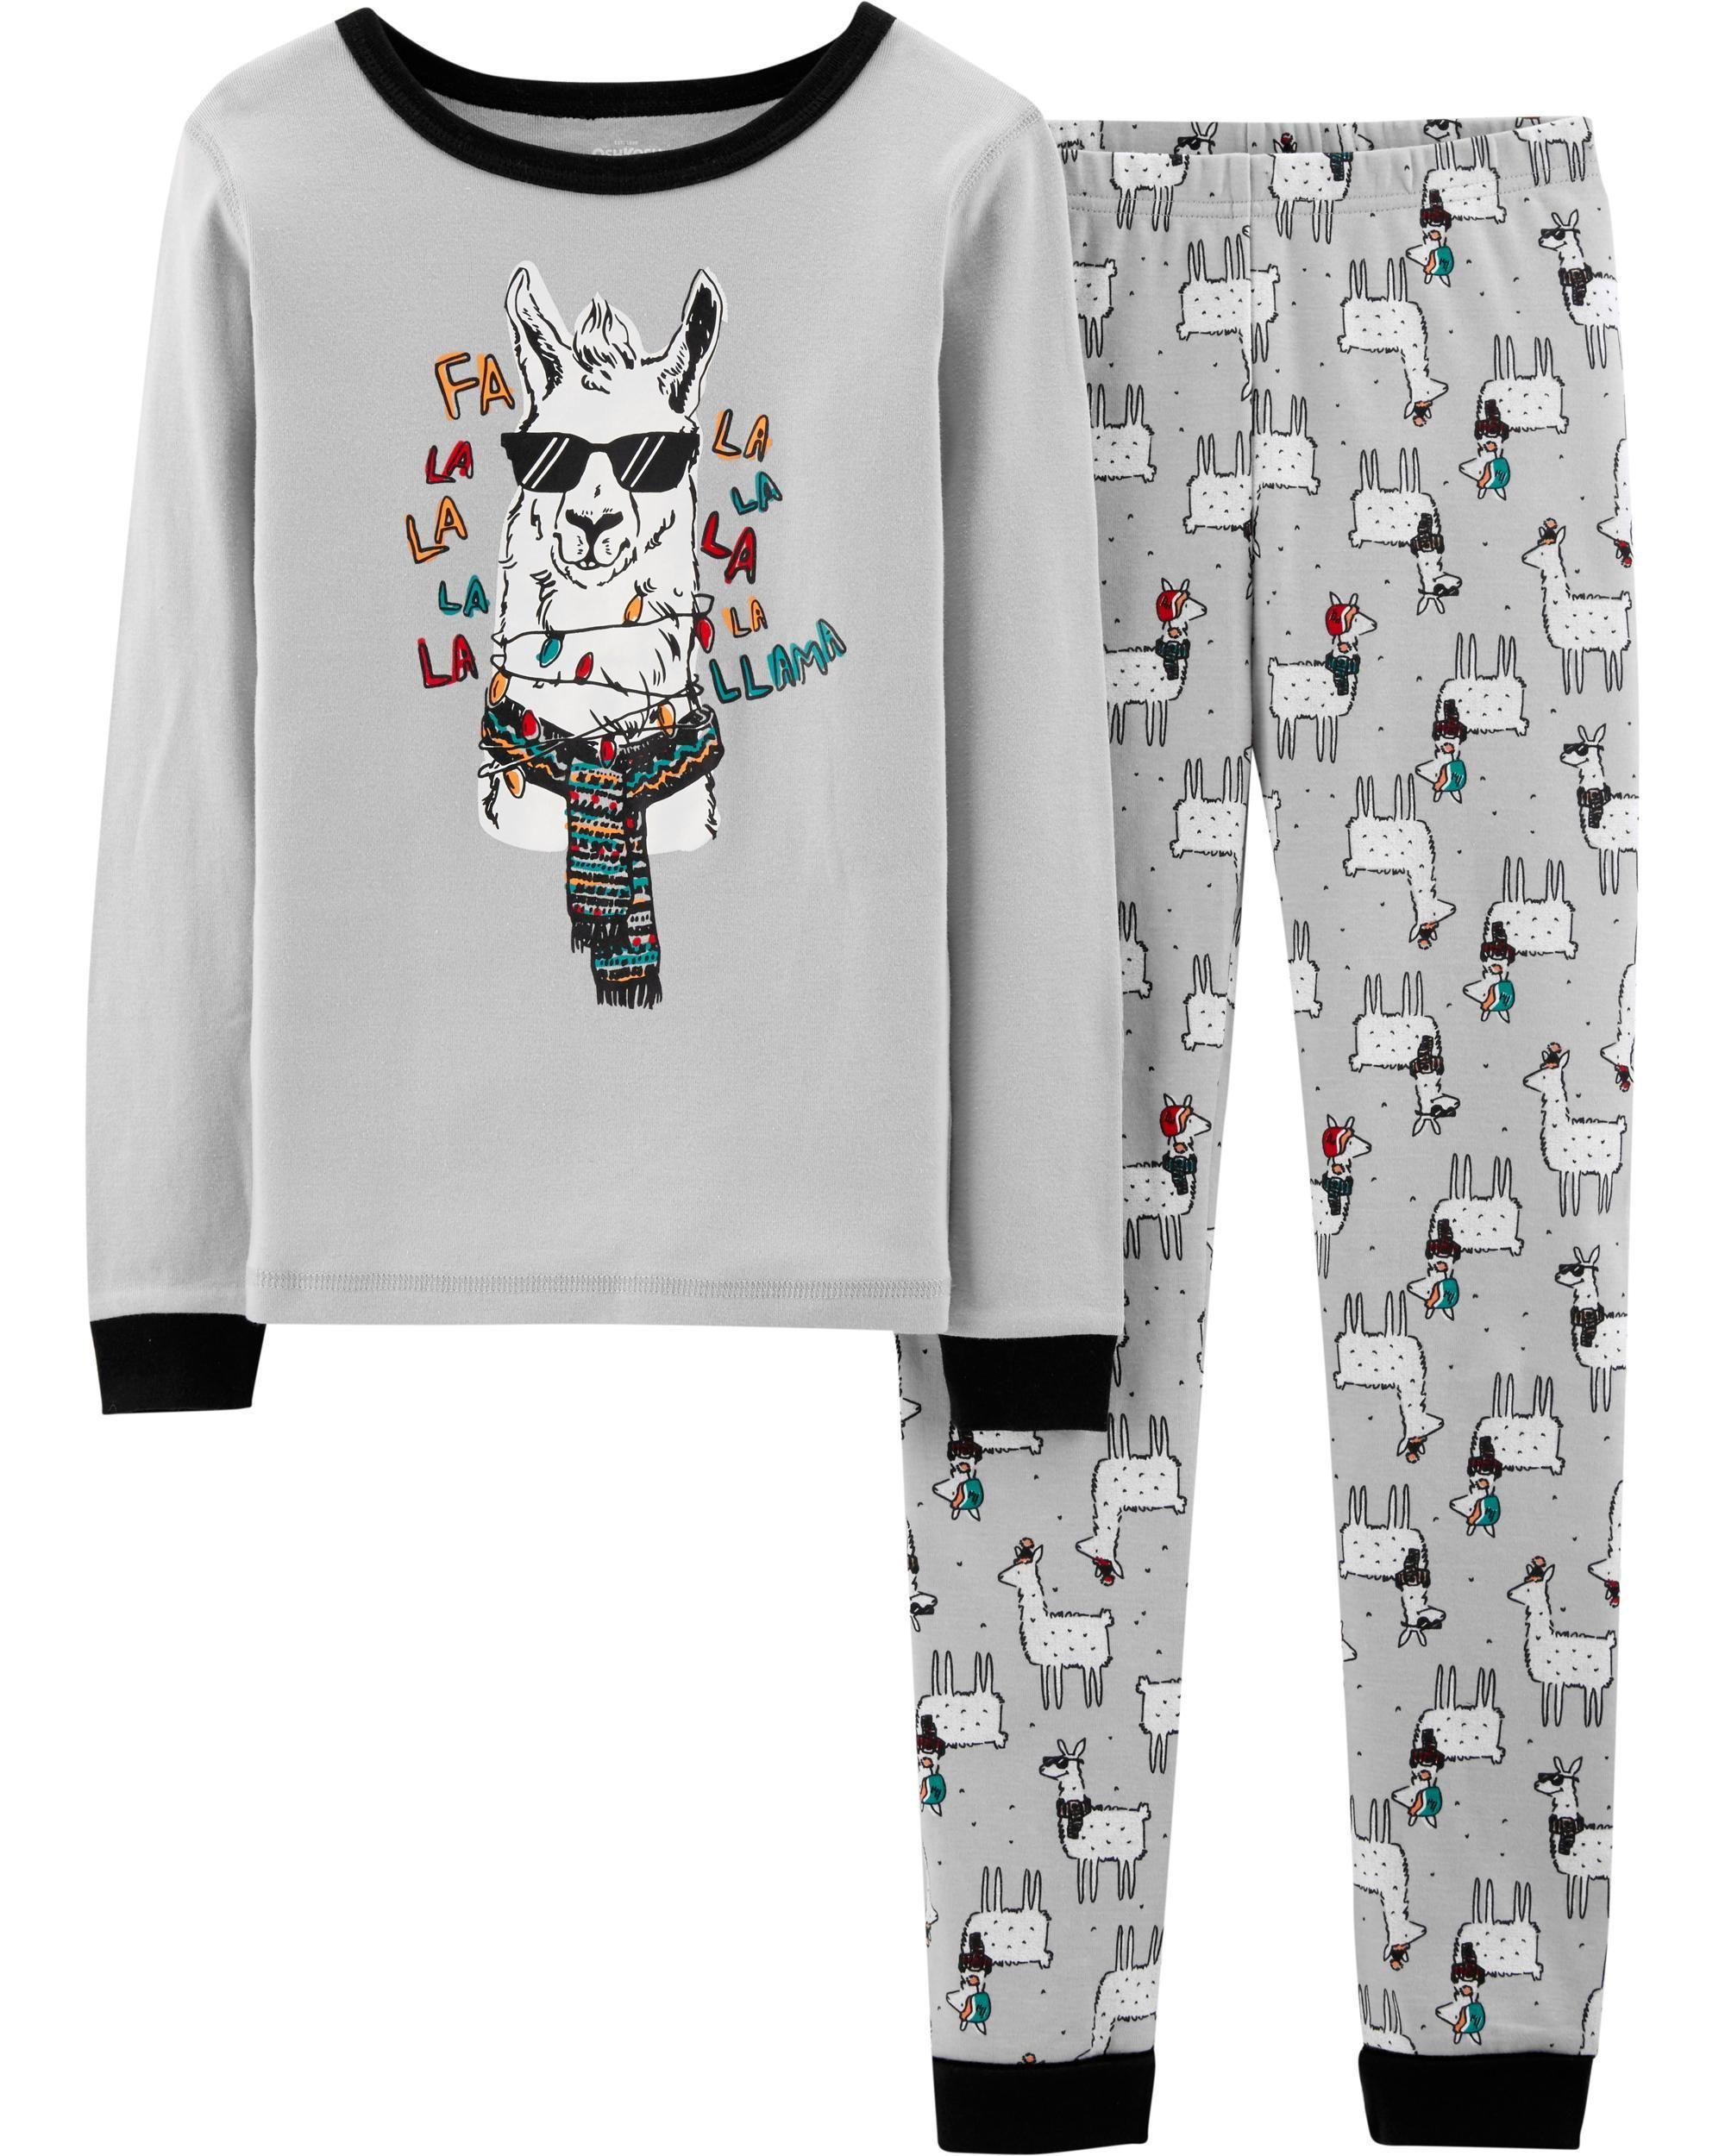 Llama Pajamas Pajamas for Kids Personalized Pajamas for Girl Llama Shirt